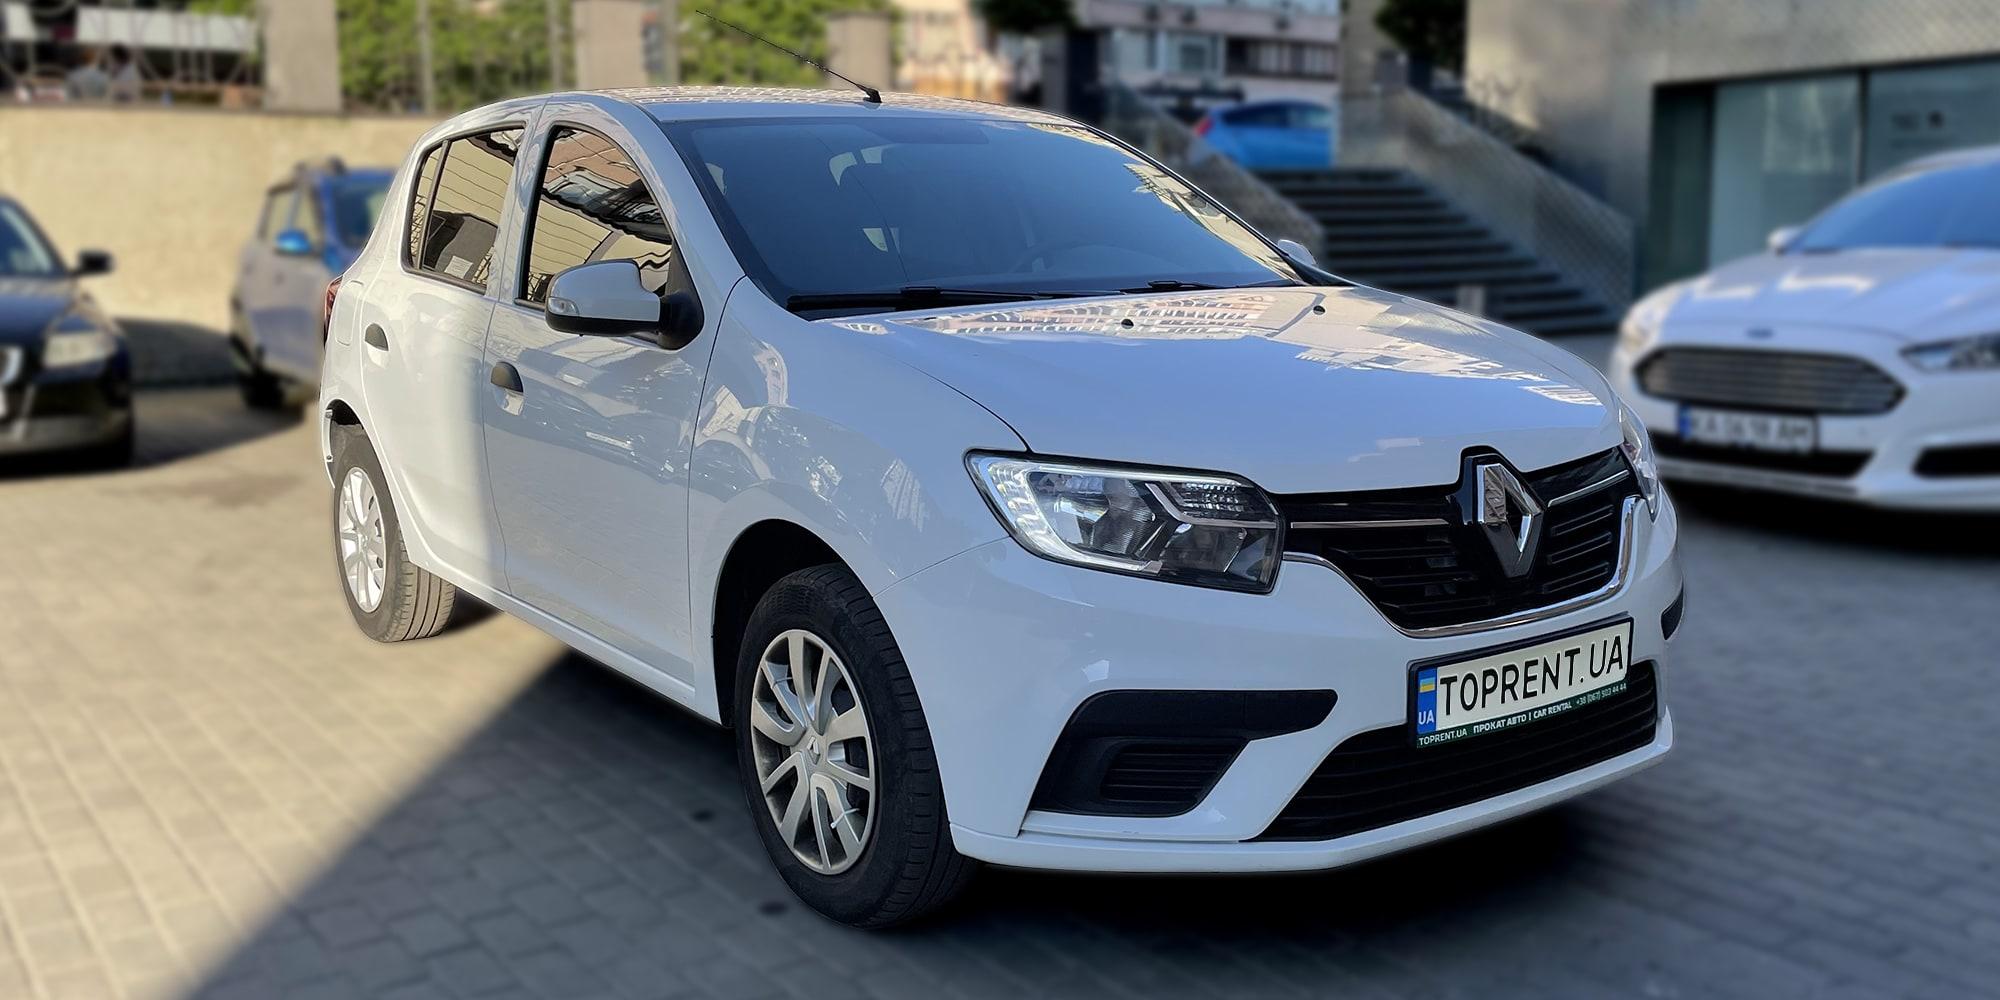 Прокат и аренда авто Renault Sandero diesel - фото 2 | TOPrent.ua